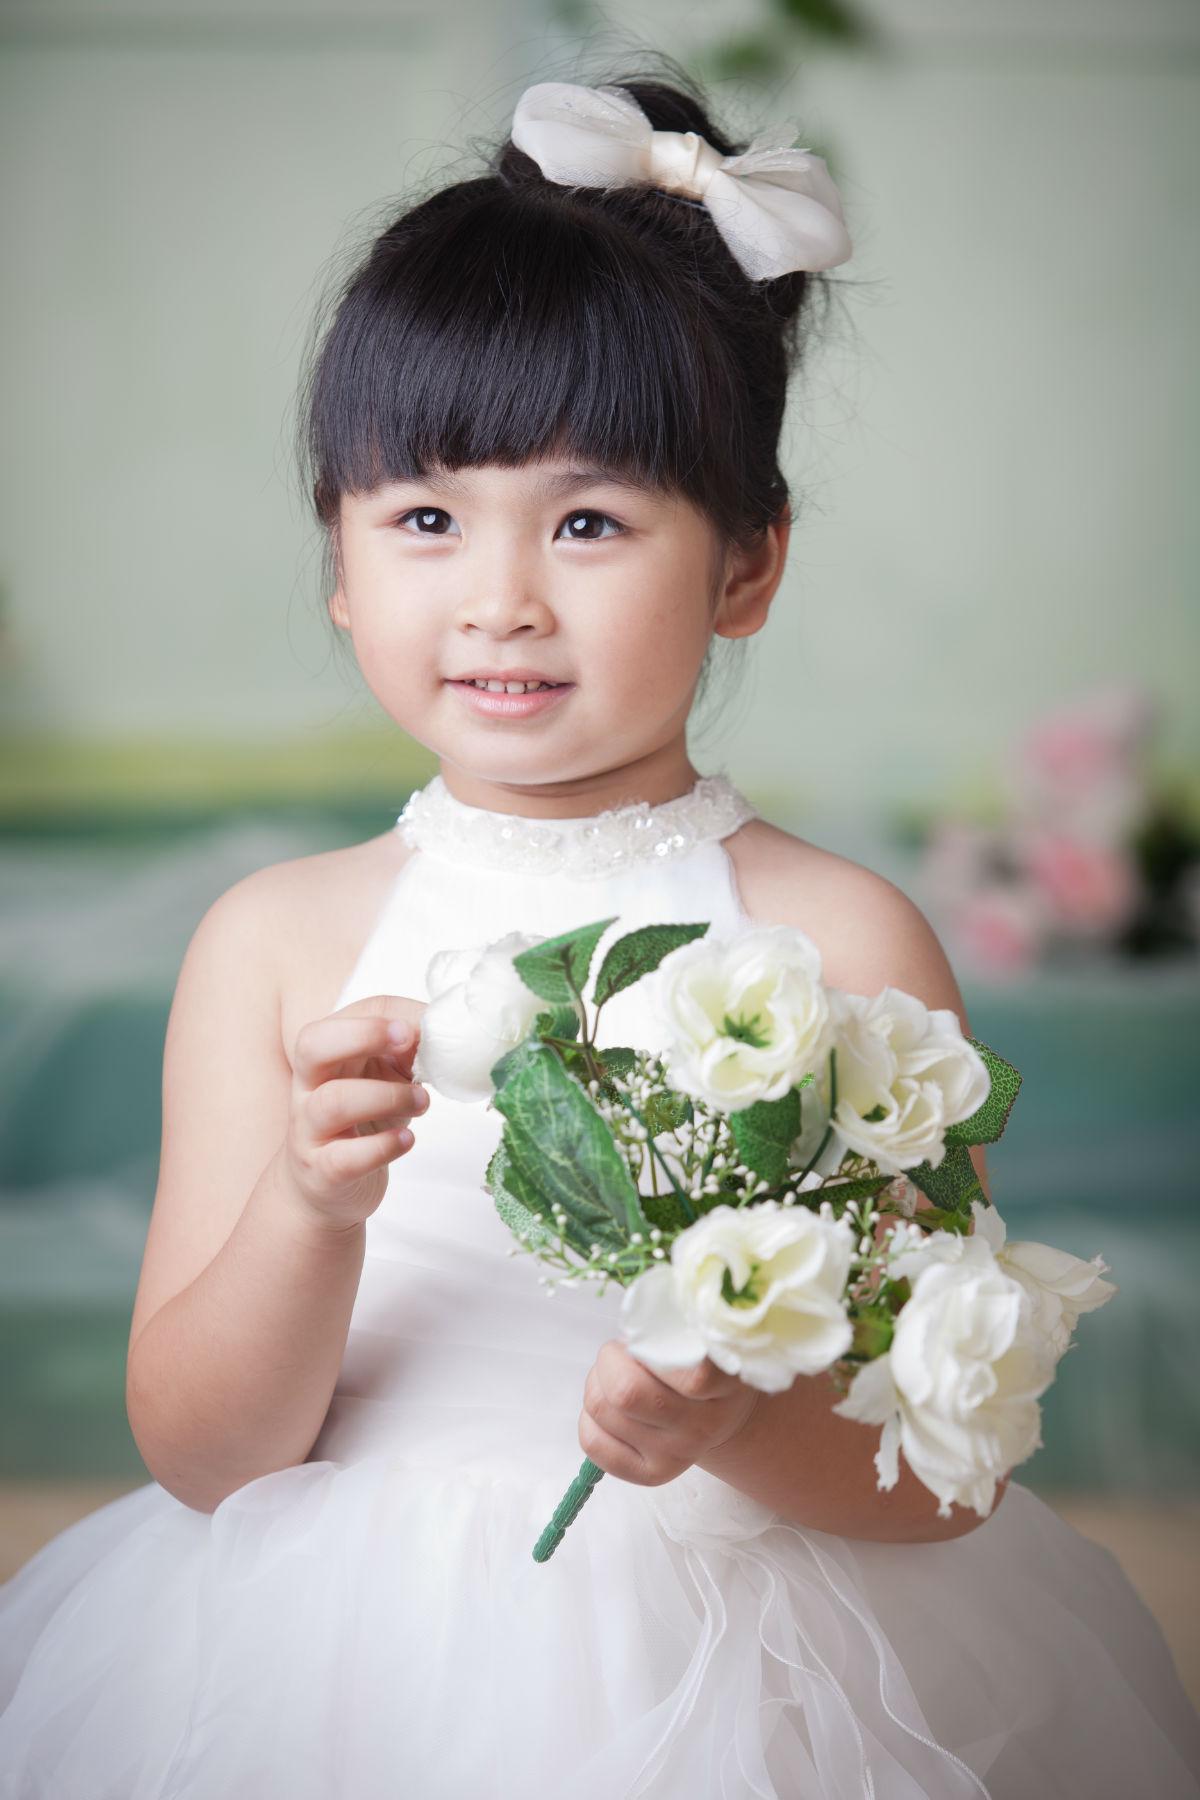 家在深圳  亲子教育 漂亮宝贝  > 延续可爱第四波~6岁想想长大了